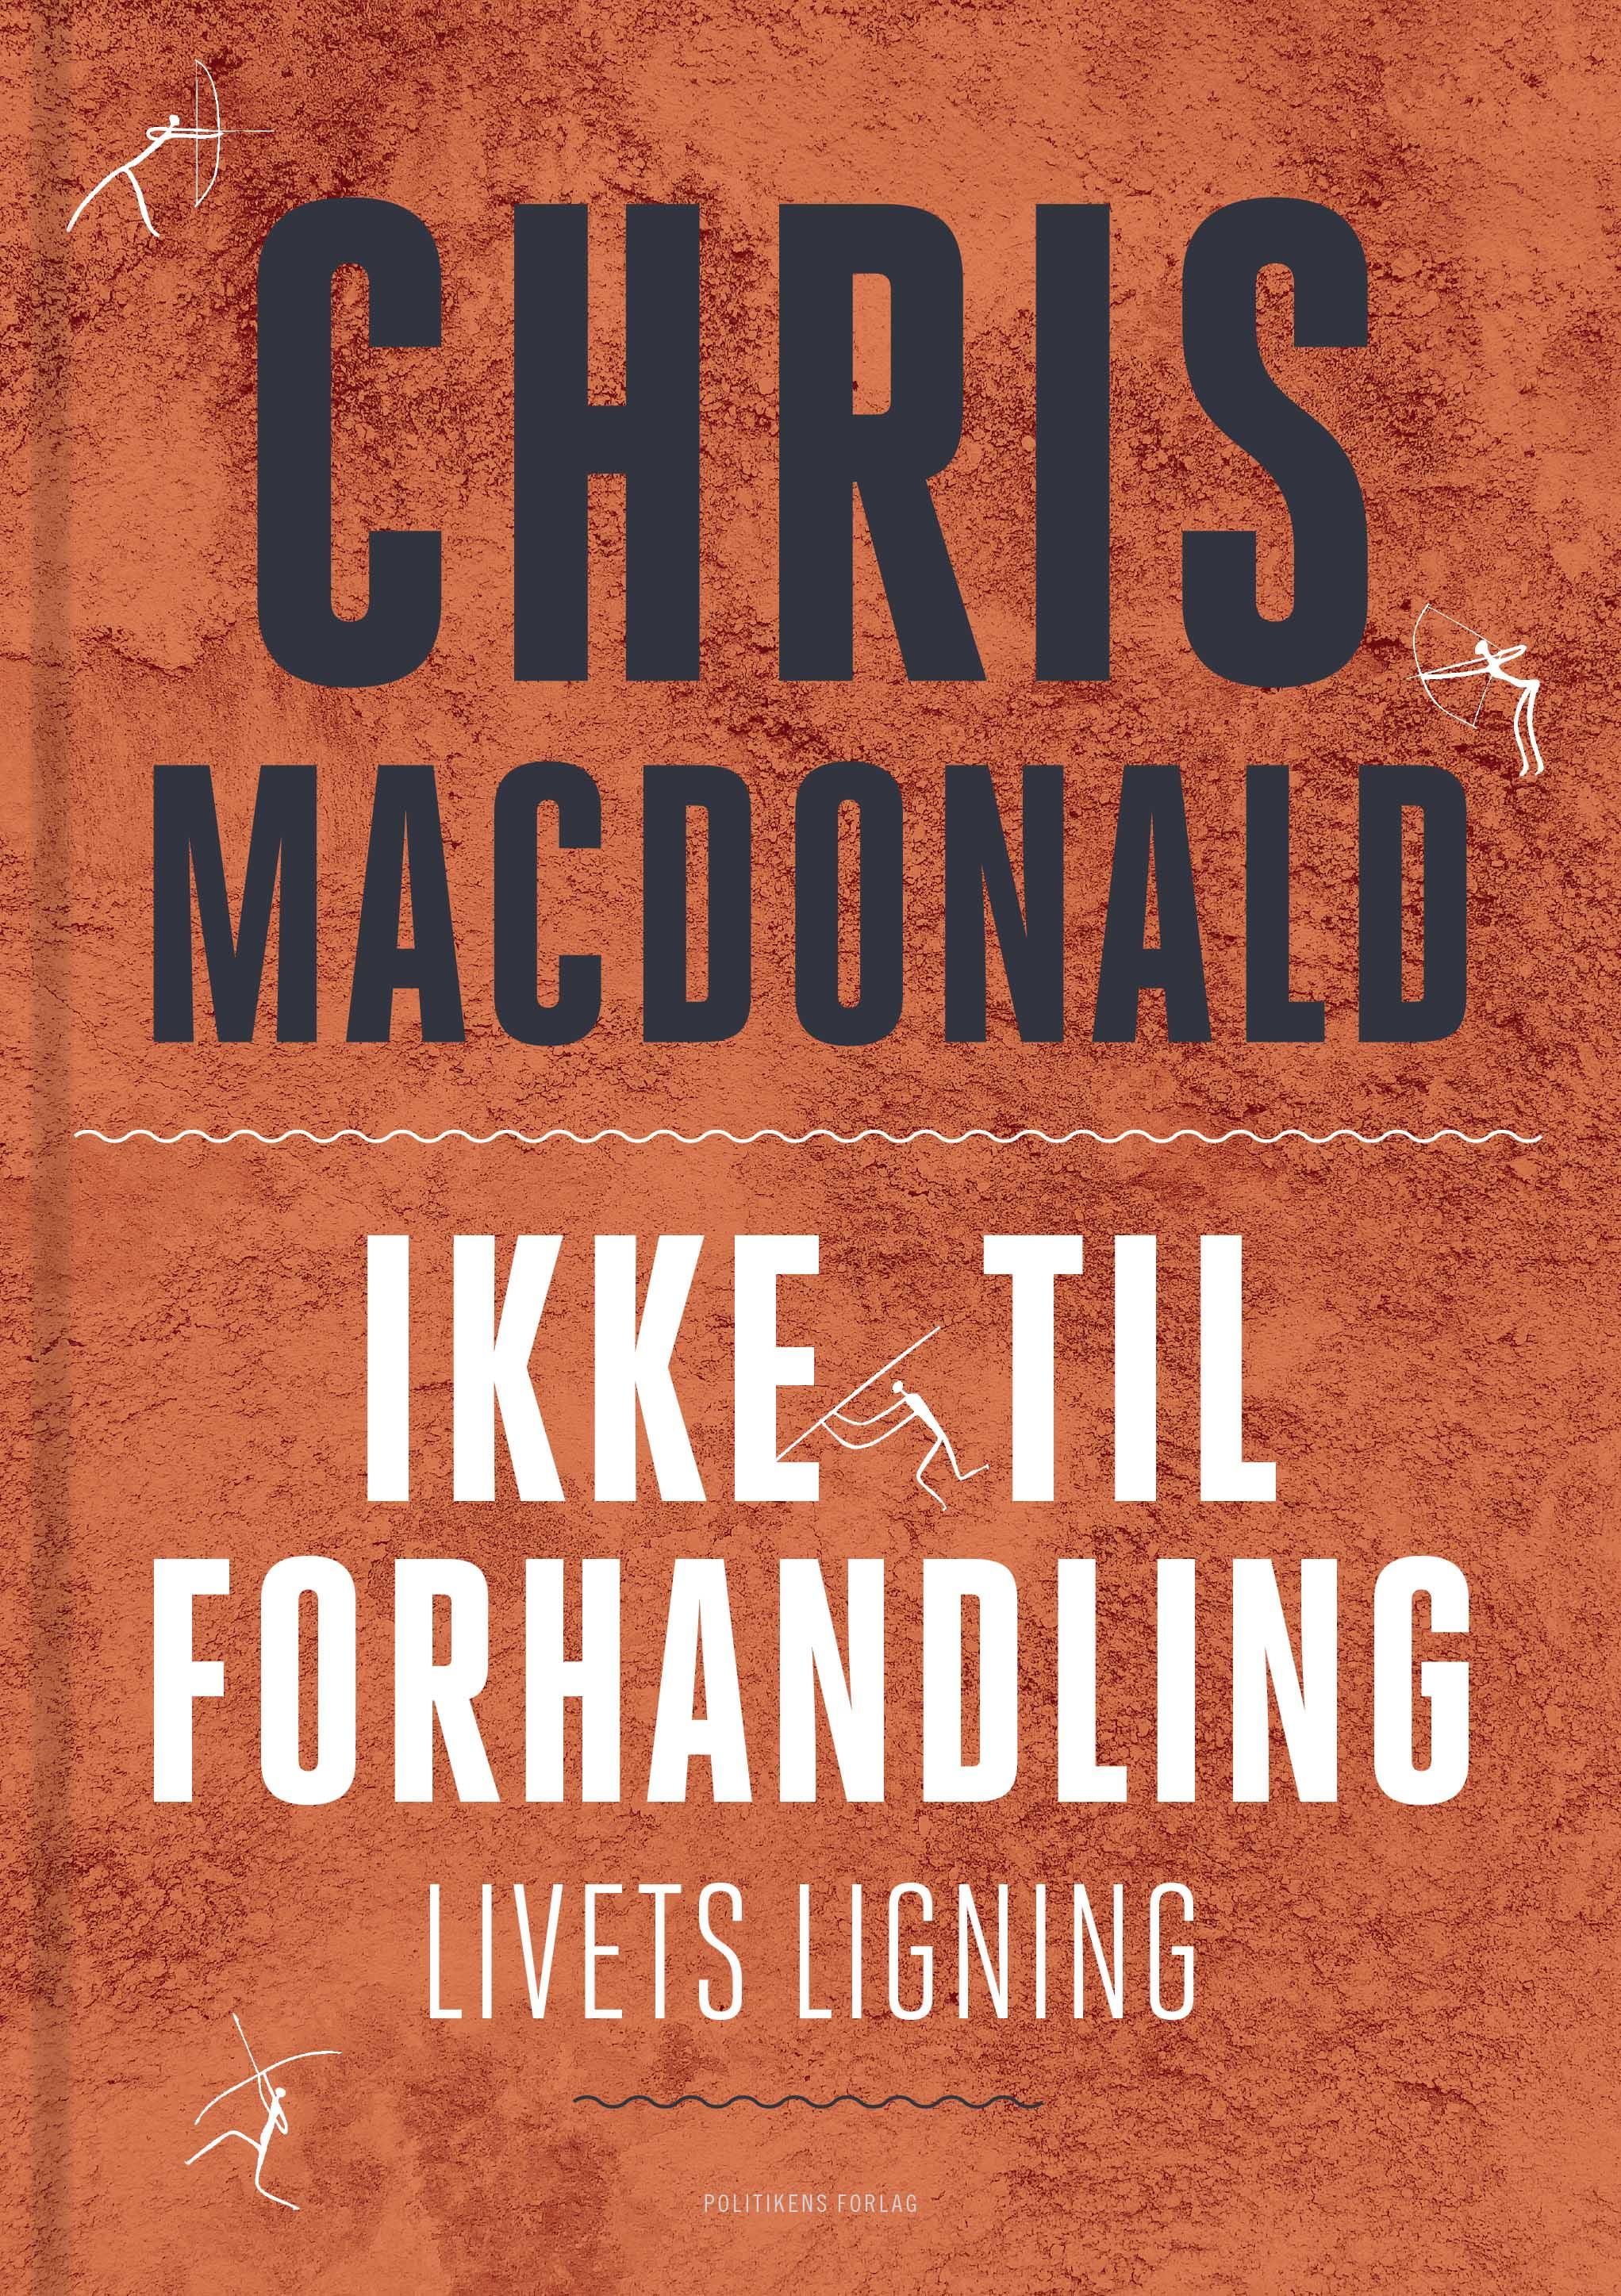 Ikke til forhandling - livets ligning - Chris MacDonald - Bøger - Politikens Forlag - 9788756772075 - 17/3-2020